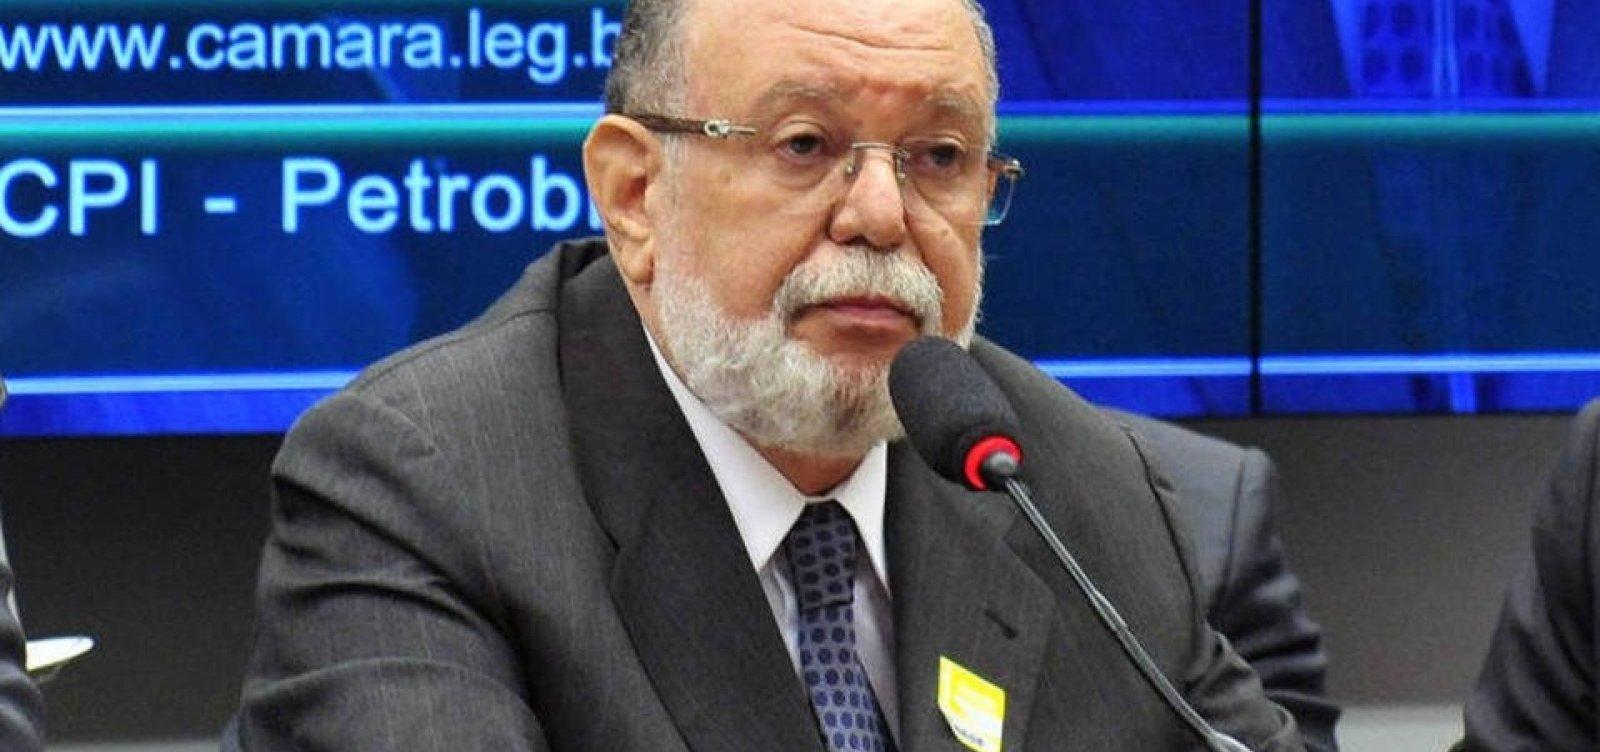 [Lava Jato via com descrédito empreiteiro da OAS que acusou Lula no caso do tríplex ]